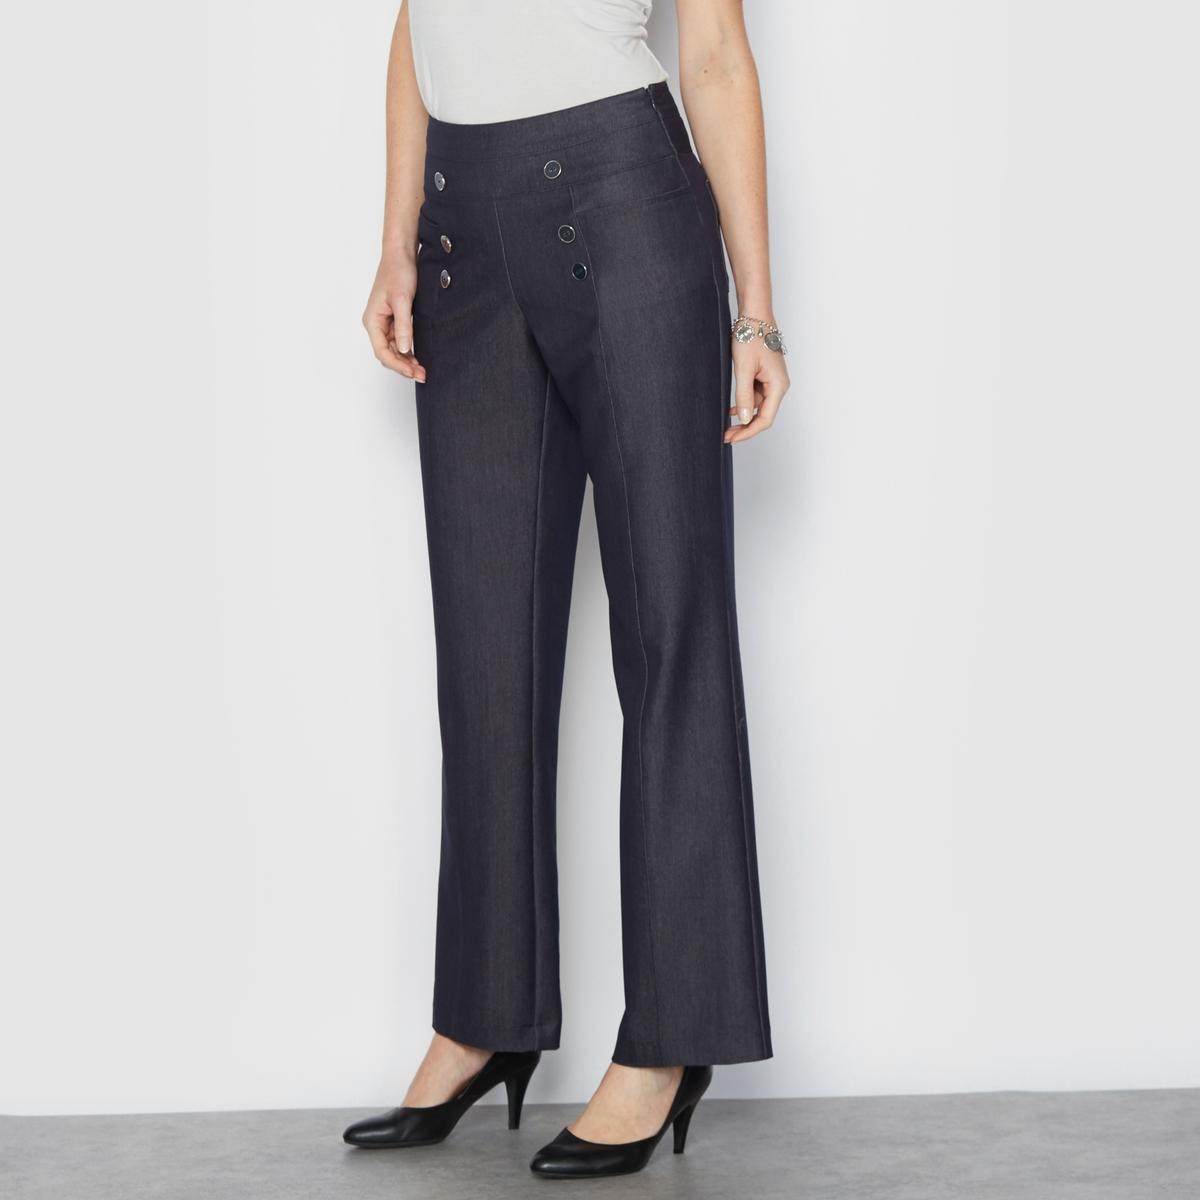 Брюки широкие с джинсовым эффектом, удобный стрейчОчень изящные широкие брюки с джинсовым эффектом. Невероятно стильные, в морском стиле. Вставка на поясе с оригинальным ремнём и пуговицами спереди. Застежка на молнию сбоку. Карманы спереди и сзади. Защипы спереди и сзади.Красивая саржа стрейч с джинсовым эффектом создаст великолепный образ и идеальный комфорт благодаря своей эластичности. Идеальный стиль, изящество и свобода движений.Состав и описание :Материал : Саржа, 80% полиэстера, 15% вискозы, 5% эластана. Длина по внутр.шву 78 см, ширина по низу 24 см.Марка : Anne WeyburnУход :Машинная стирка при 30° на умеренном режиме с изделиями схожих цветов.Гладить на низкой температуре.<br><br>Цвет: синий